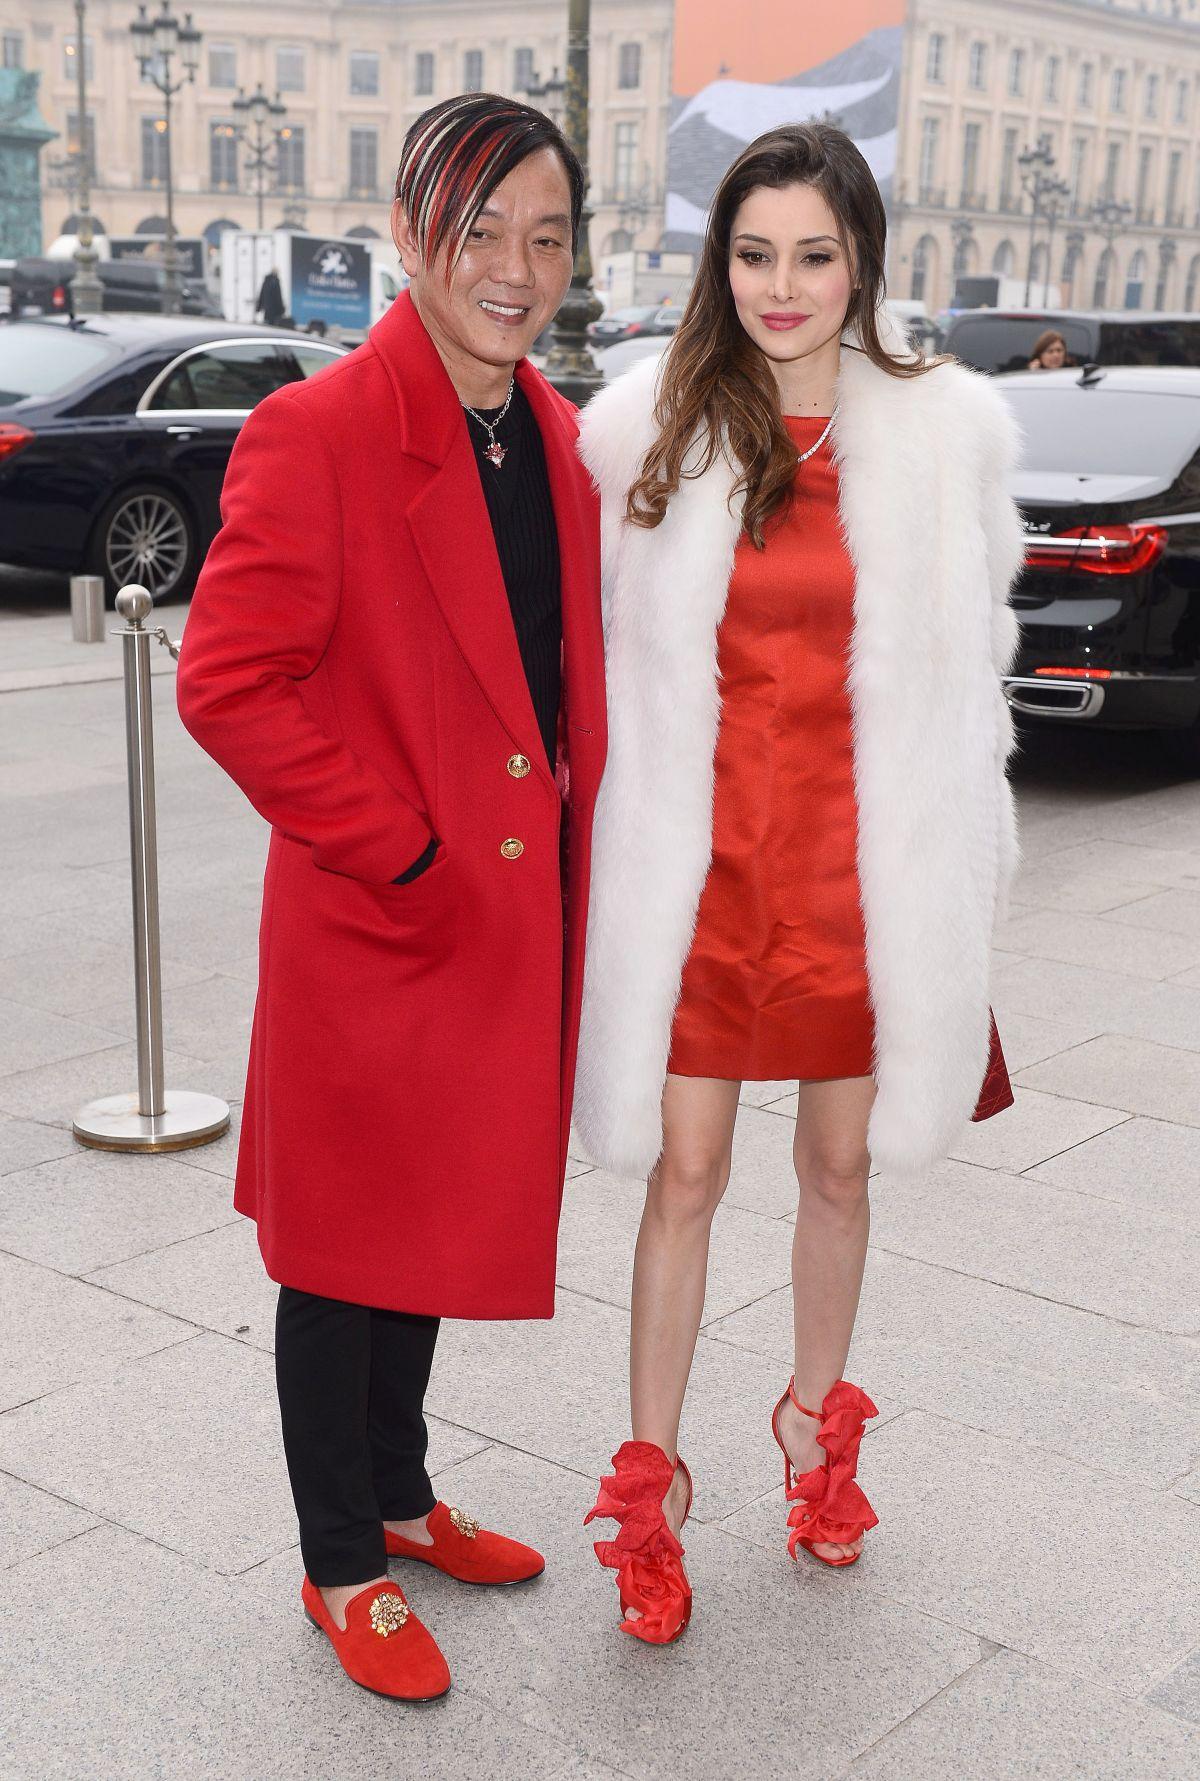 DEBORAH HUNG Arrives at Schiapparelli Fashion Show in Paris 01/23/2017